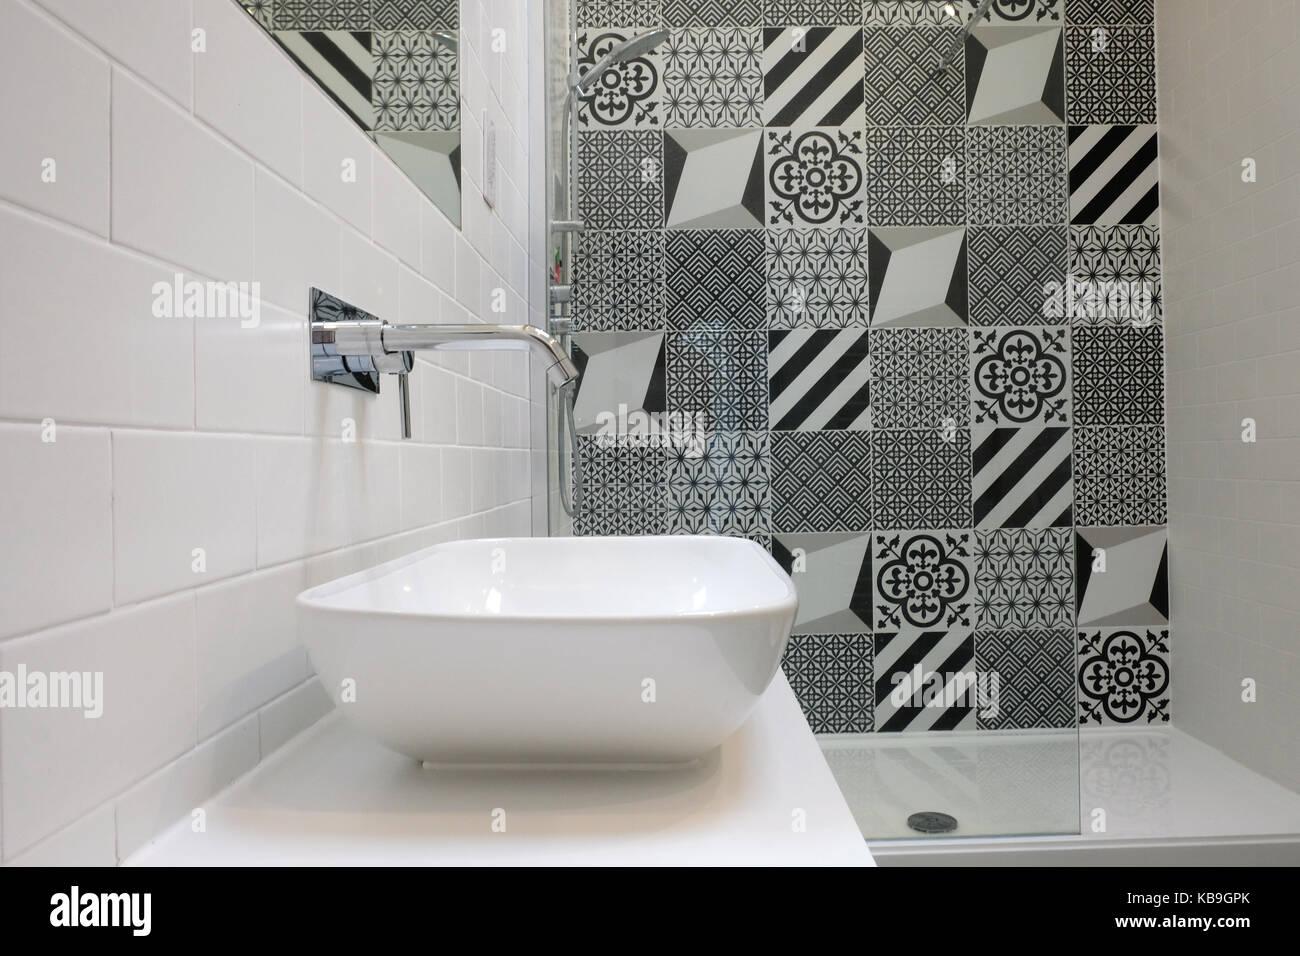 Nach Skandinavischer Art Weißes Badezimmer Mit Monochromen Patchwork - Patchwork fliesen bad